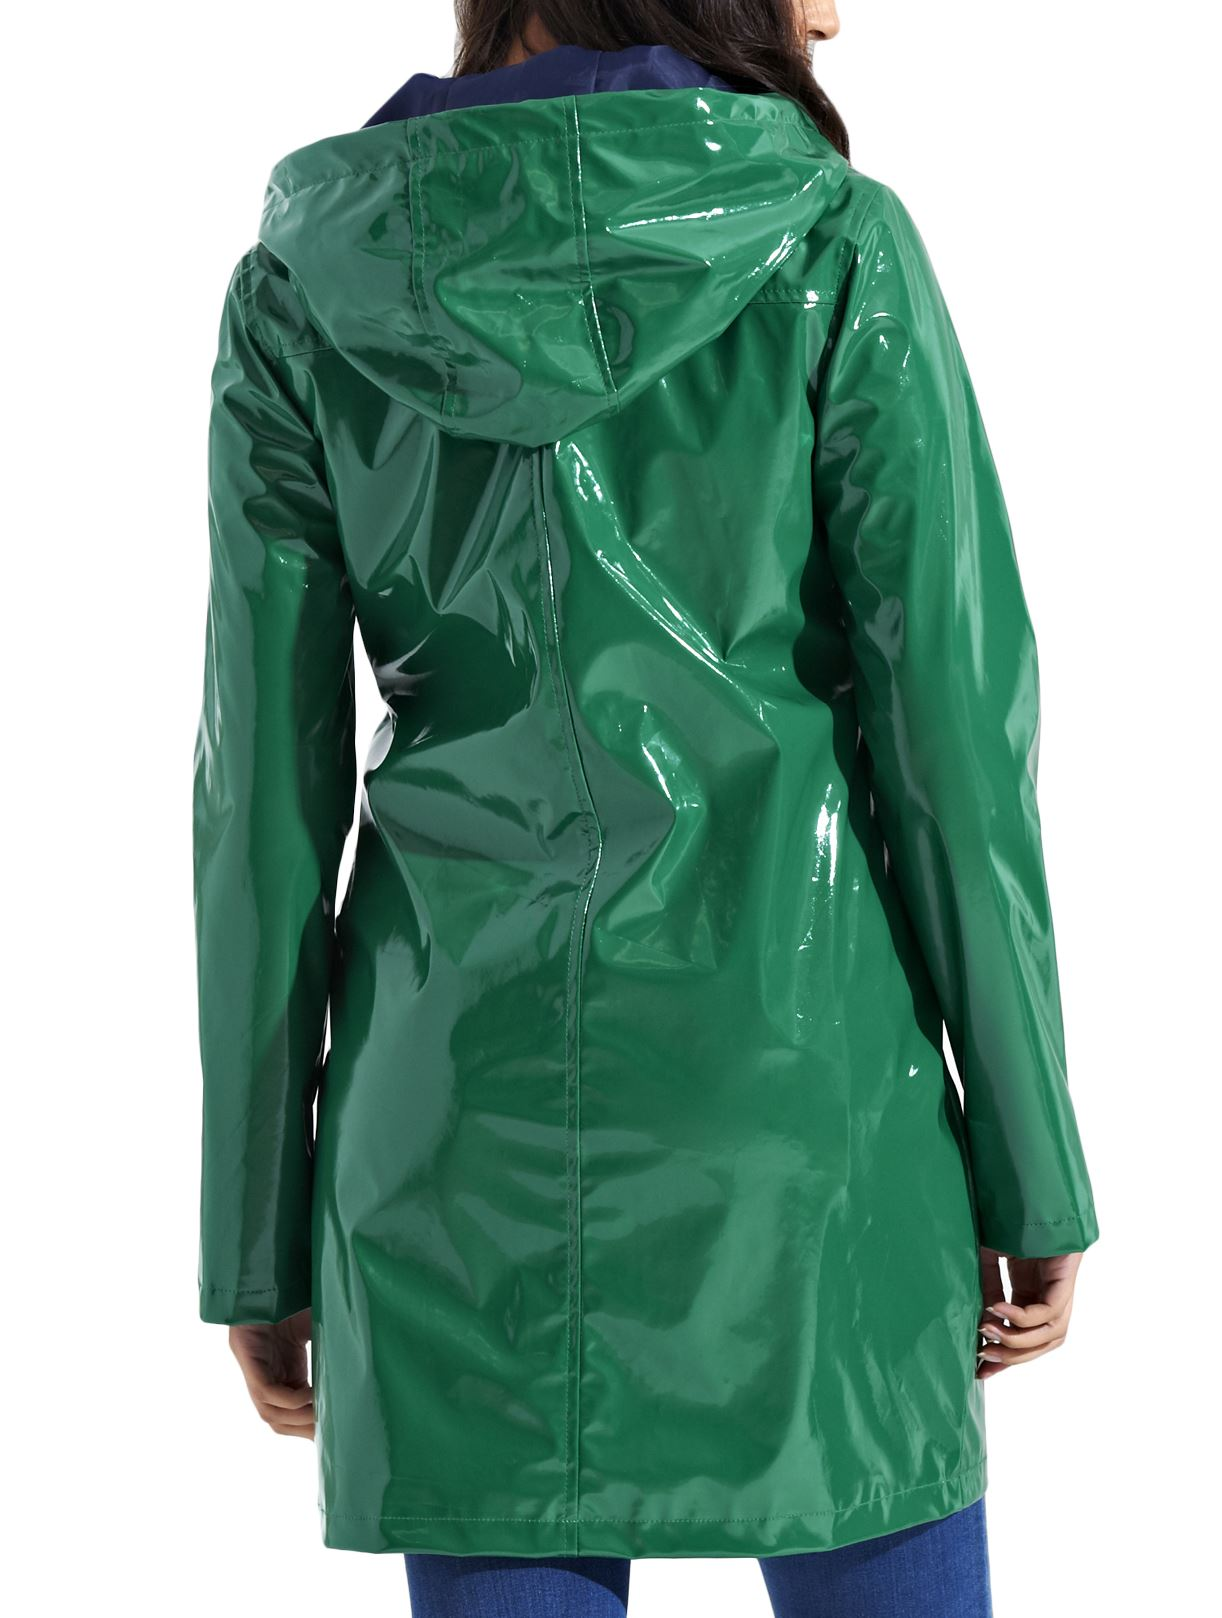 Nueva Moda para Mujer Brillante Brillante Ligero Con Capucha Capa de Lluvia Mac